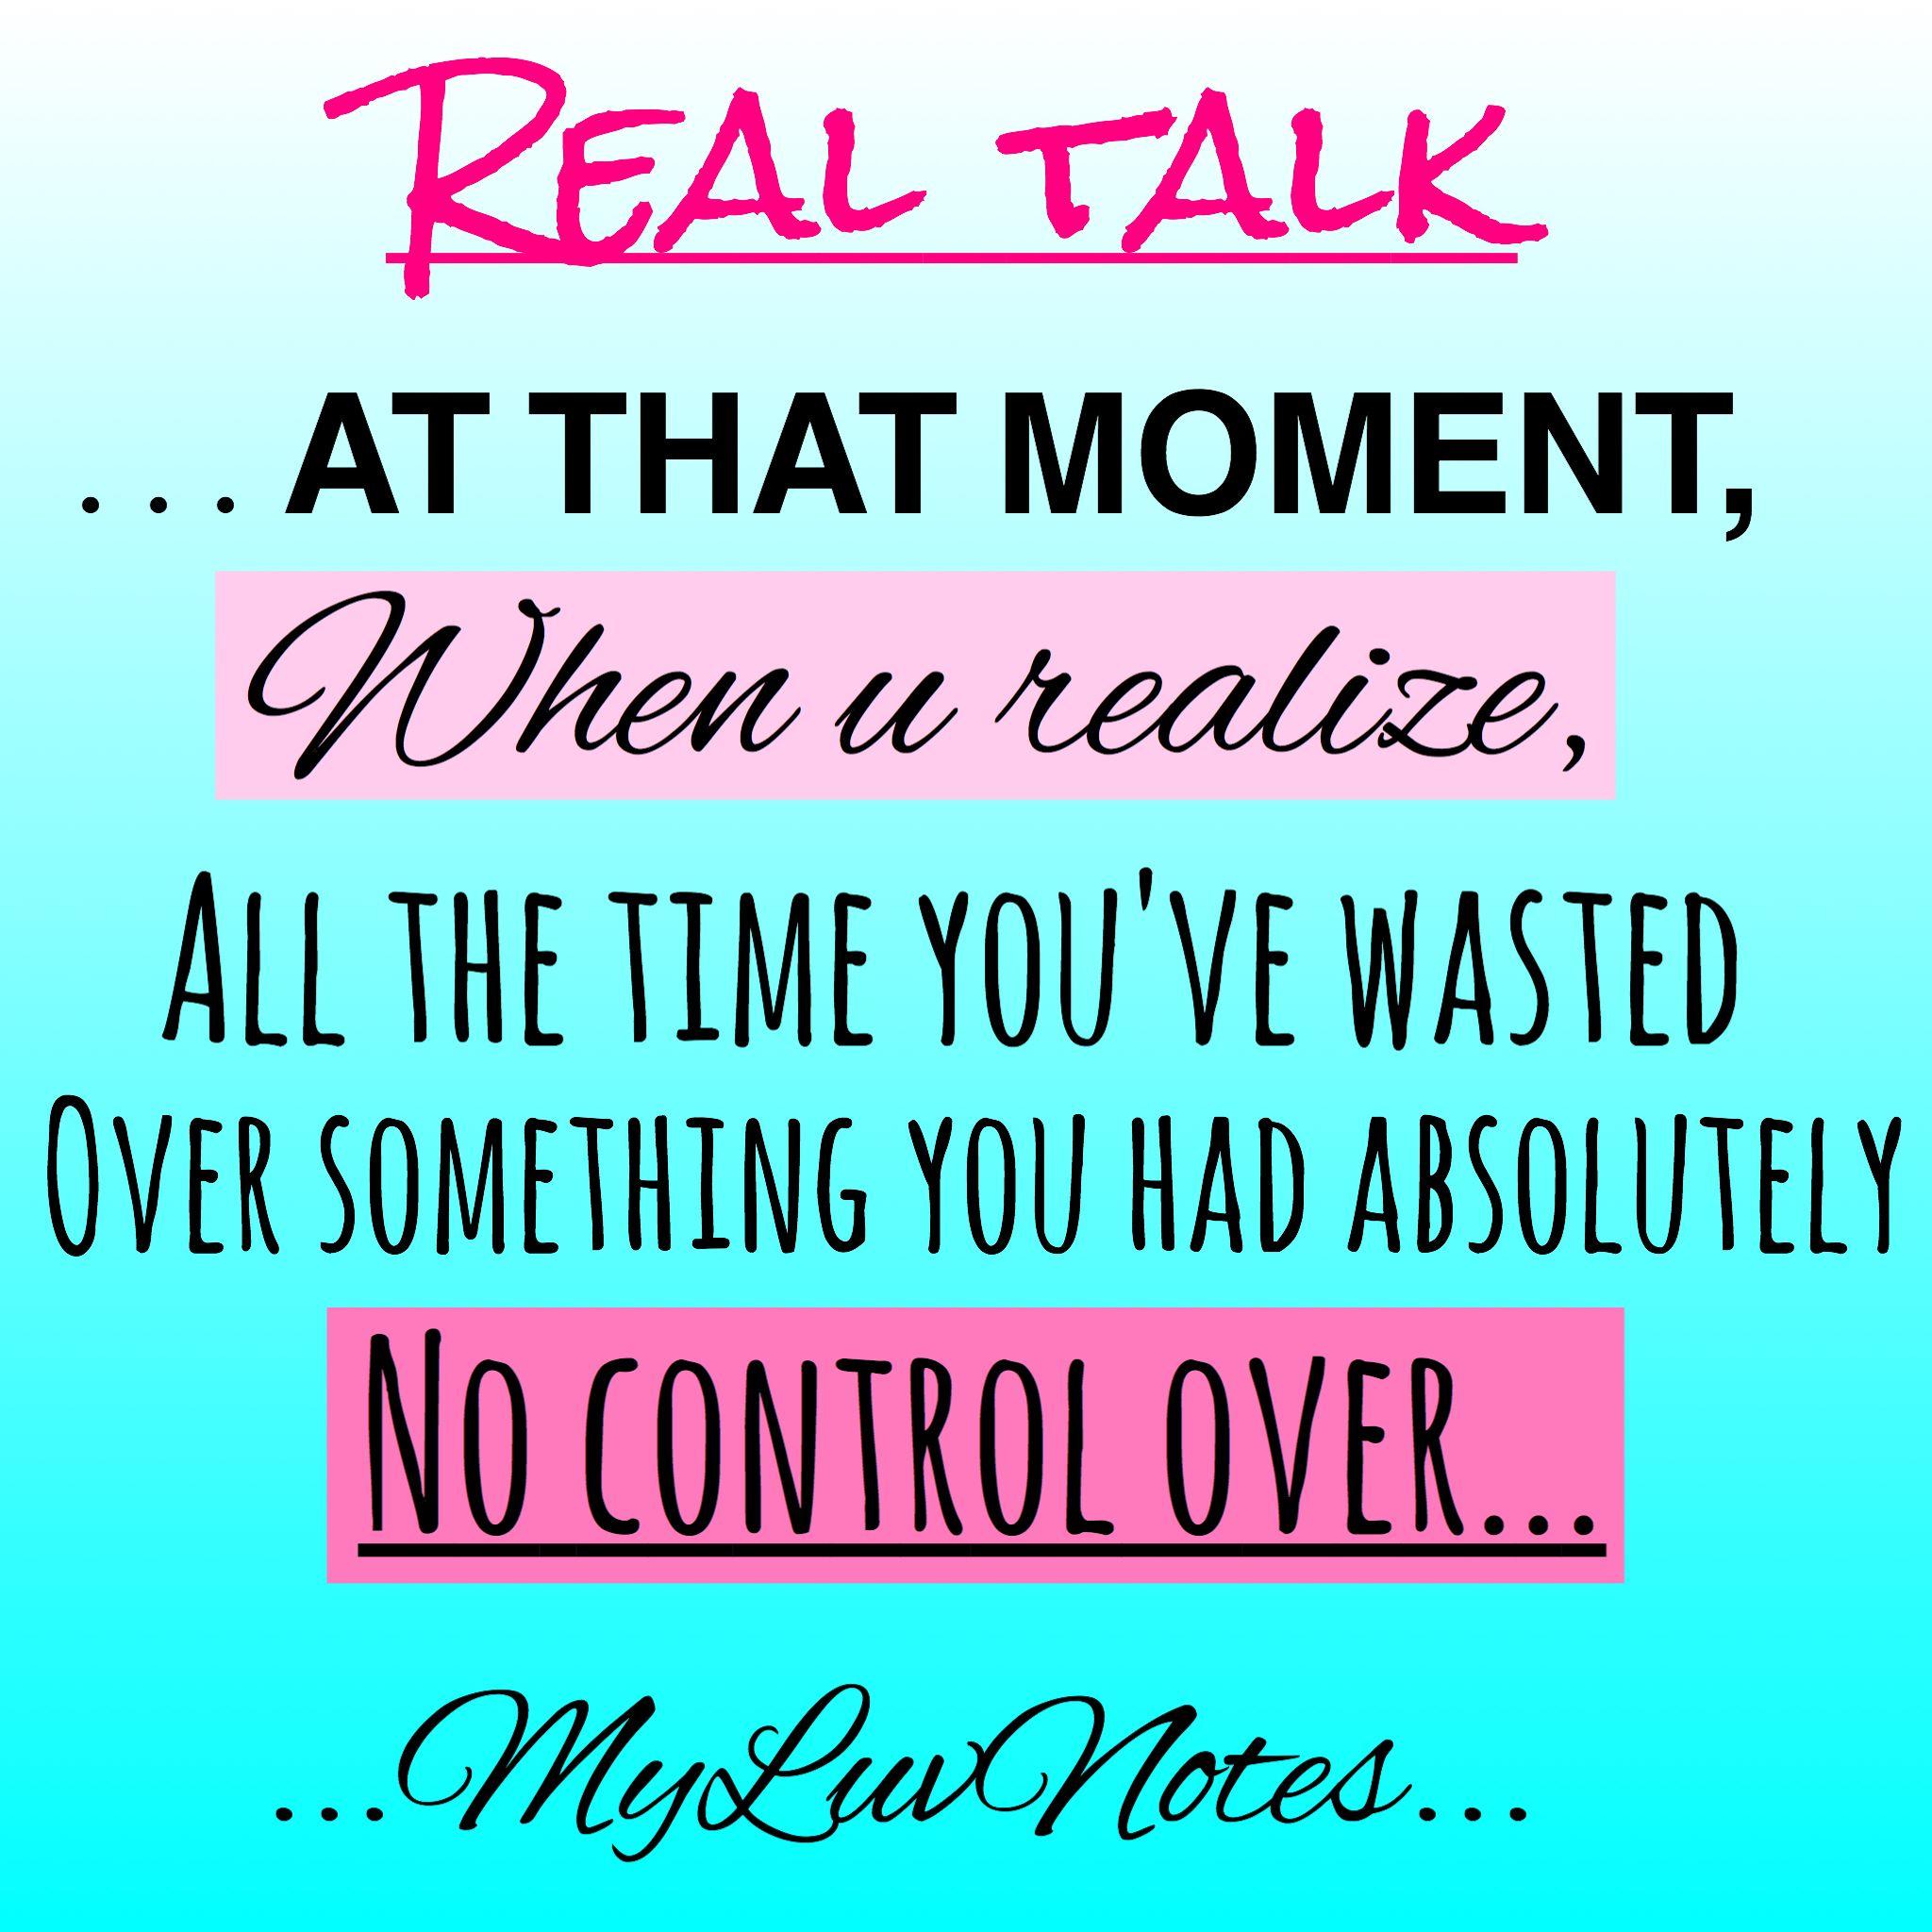 #realtalk ...no control...